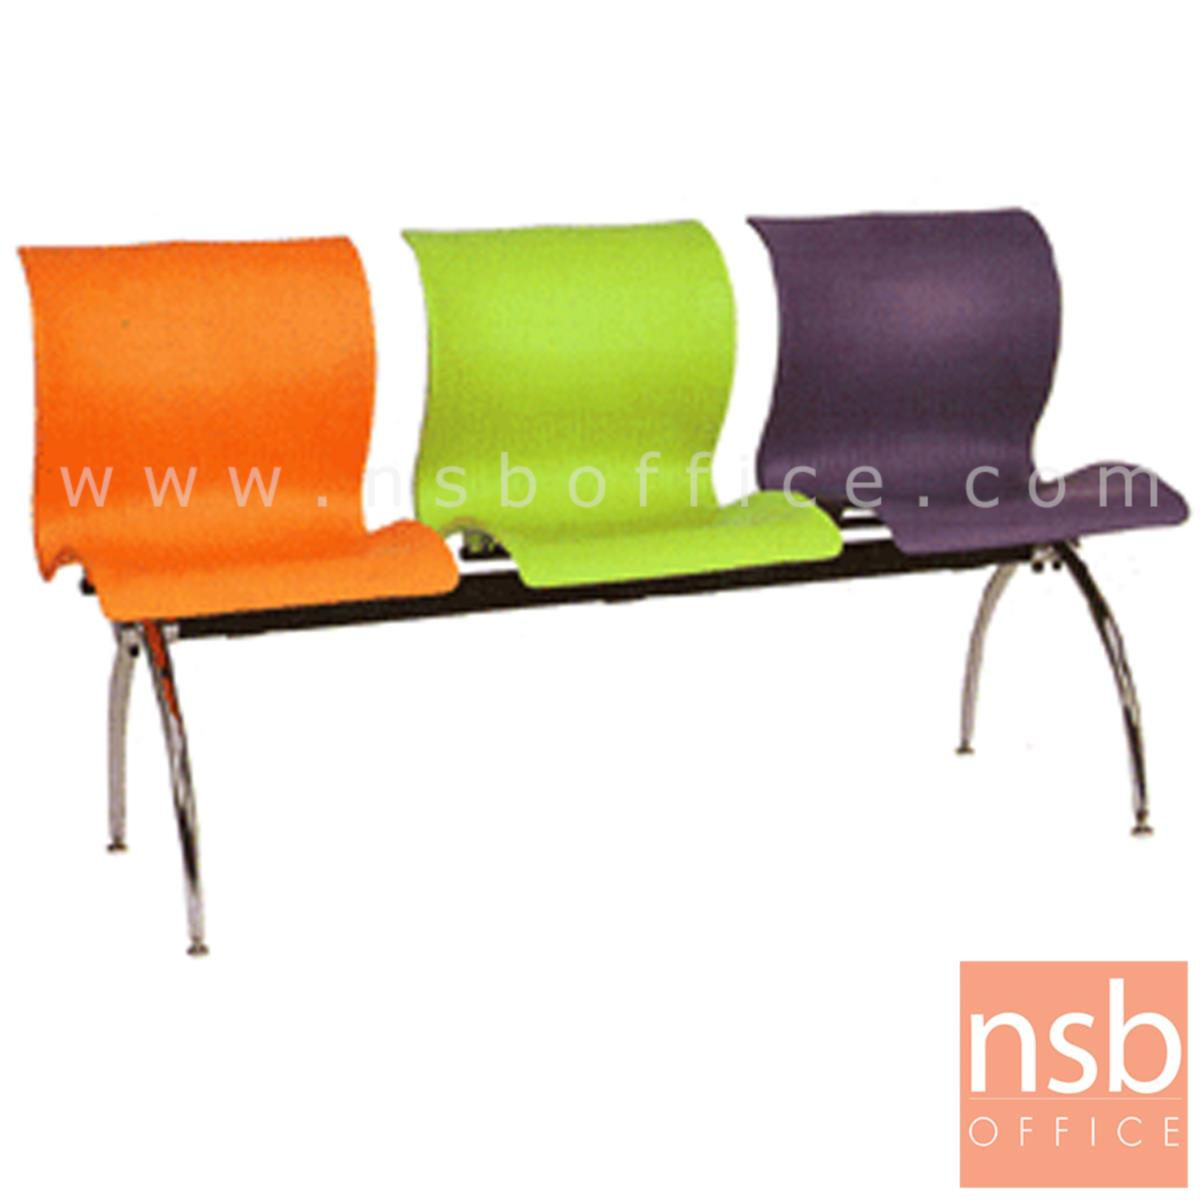 B06A045:เก้าอี้นั่งคอยเฟรมโพลี่ตัวเอส รุ่น B011 2 ,3 ,4 ที่นั่ง ขนาด 101W ,146W ,200W cm. ขาเหล็ก